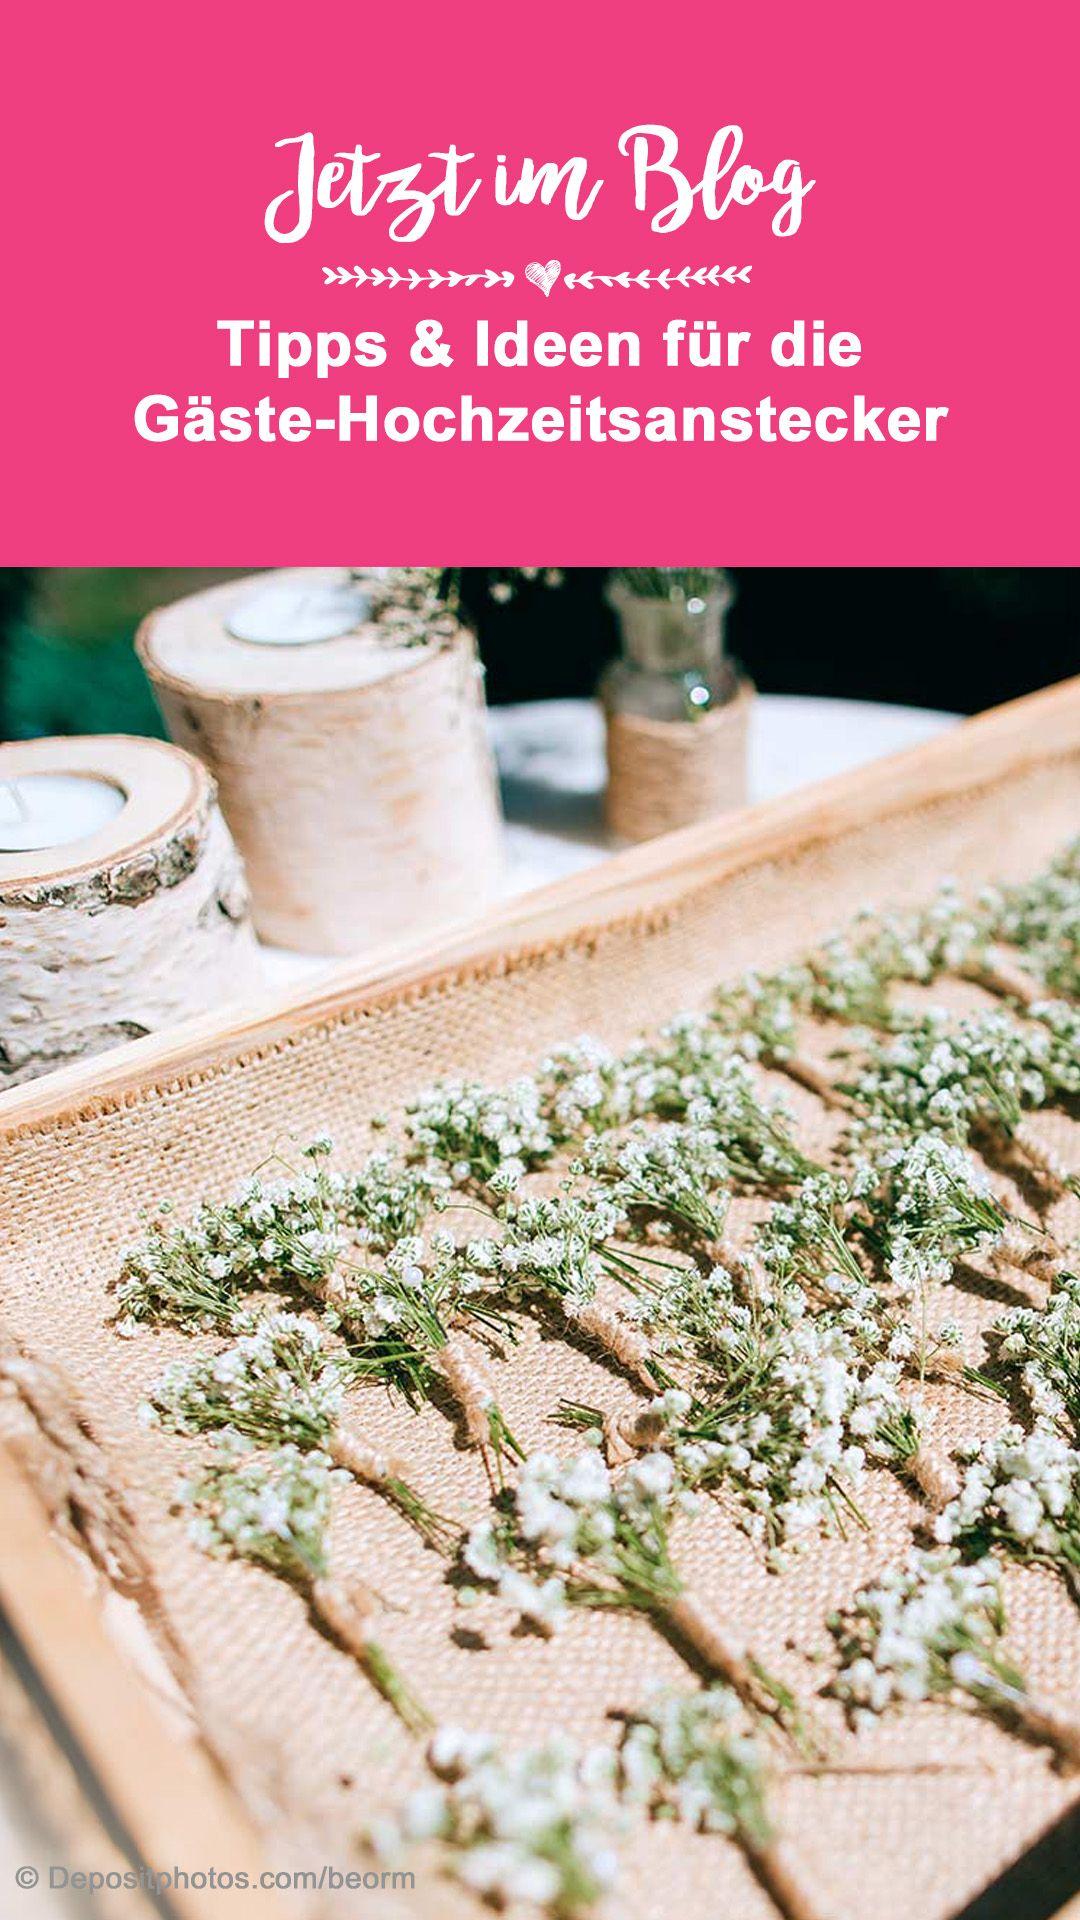 Hochzeitsanstecker Fur Gaste Tipps Ideen Inspirationen Hochzeitsanstecker Anstecker Hochzeit Hochzeit